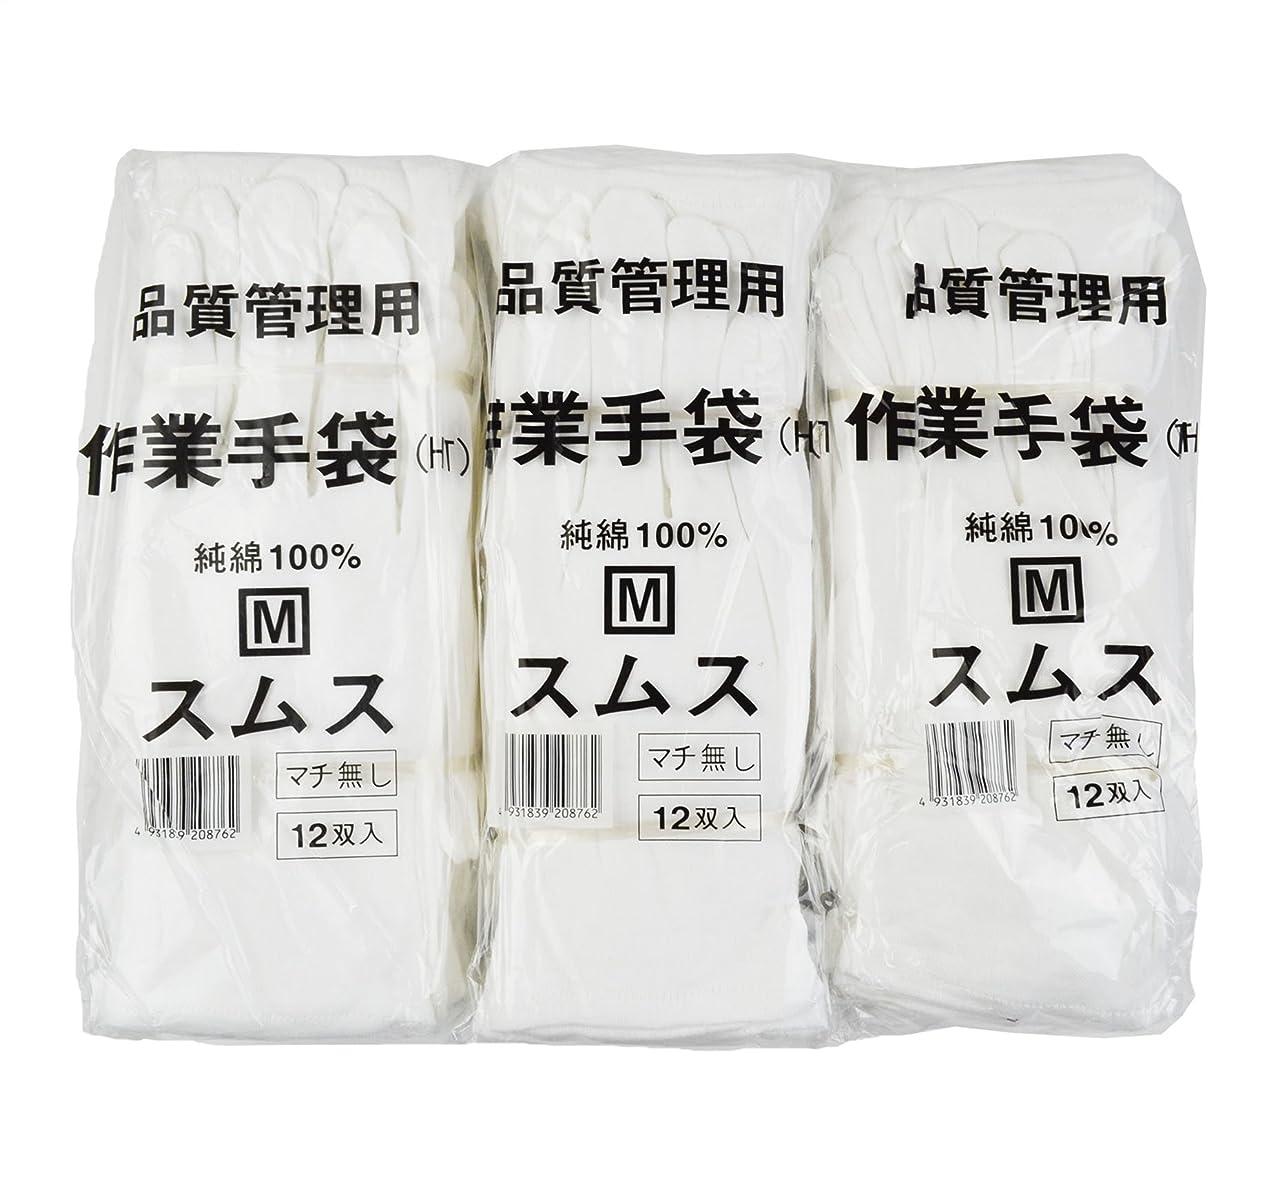 分離料理をするリズム【お得なセット売り】 純綿100% スムス 手袋 Mサイズ 12双×3袋セット 多用途 101116